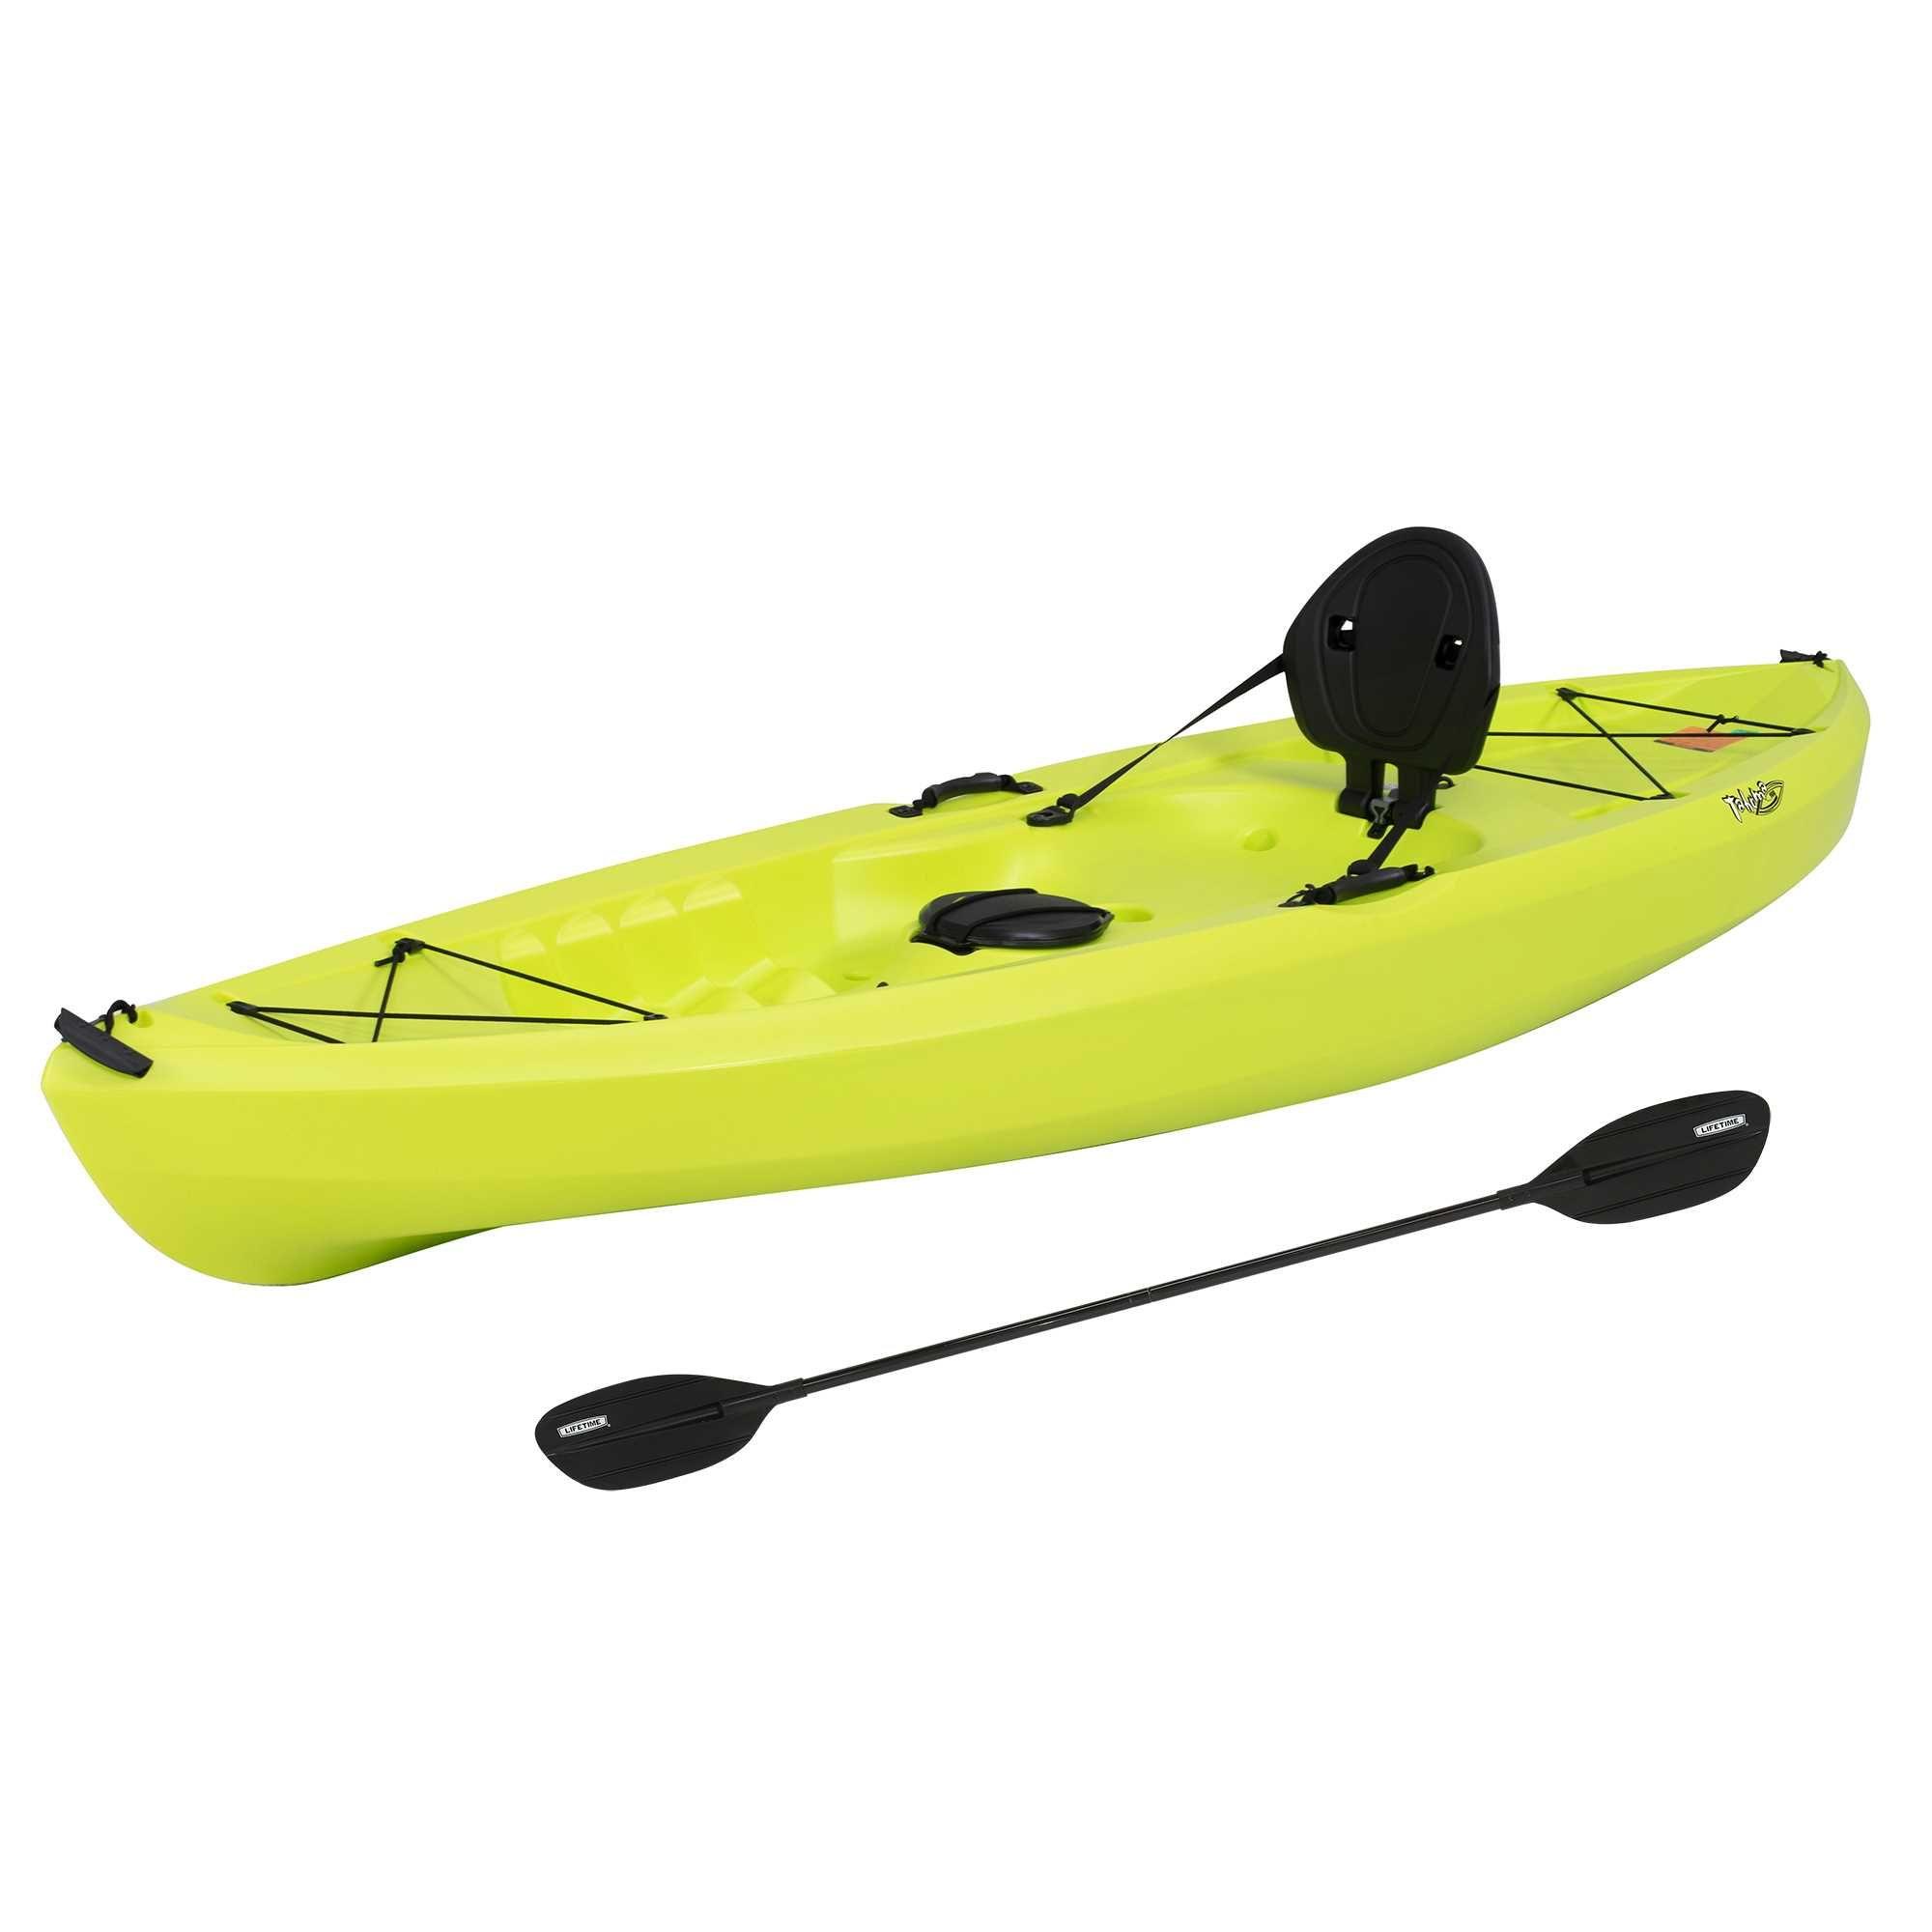 Sun Dolphin Bali 10 Sit On Kayak Pink Includes Paddle Walmart Com In 2020 Kayak Paddle Inflatable Kayak Kayaking